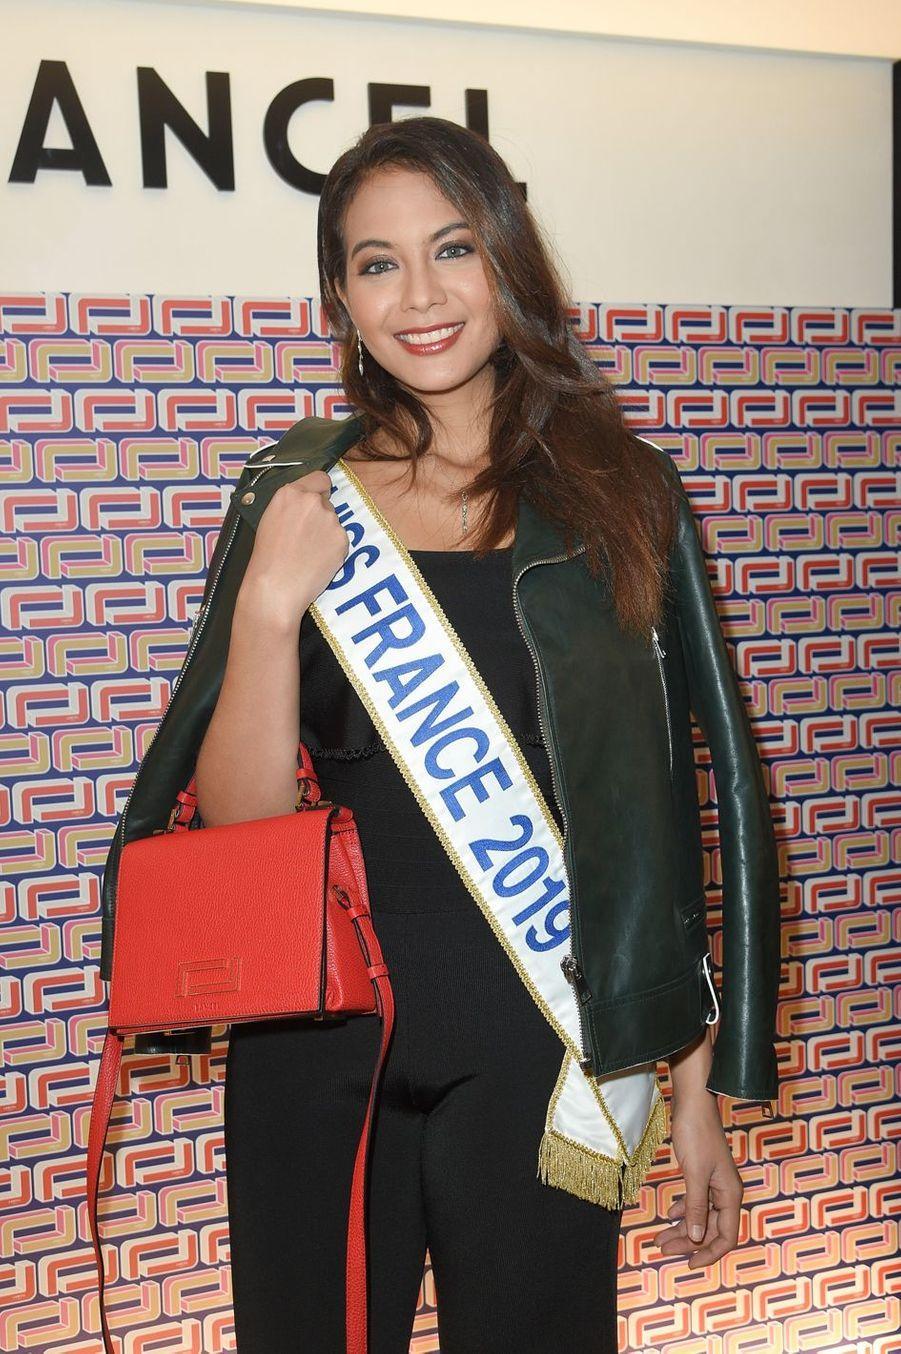 Vaimalama Chaves (Miss France 2019) à la présentation Lancel lors de la Fashion Week de Paris le 27 février 2019